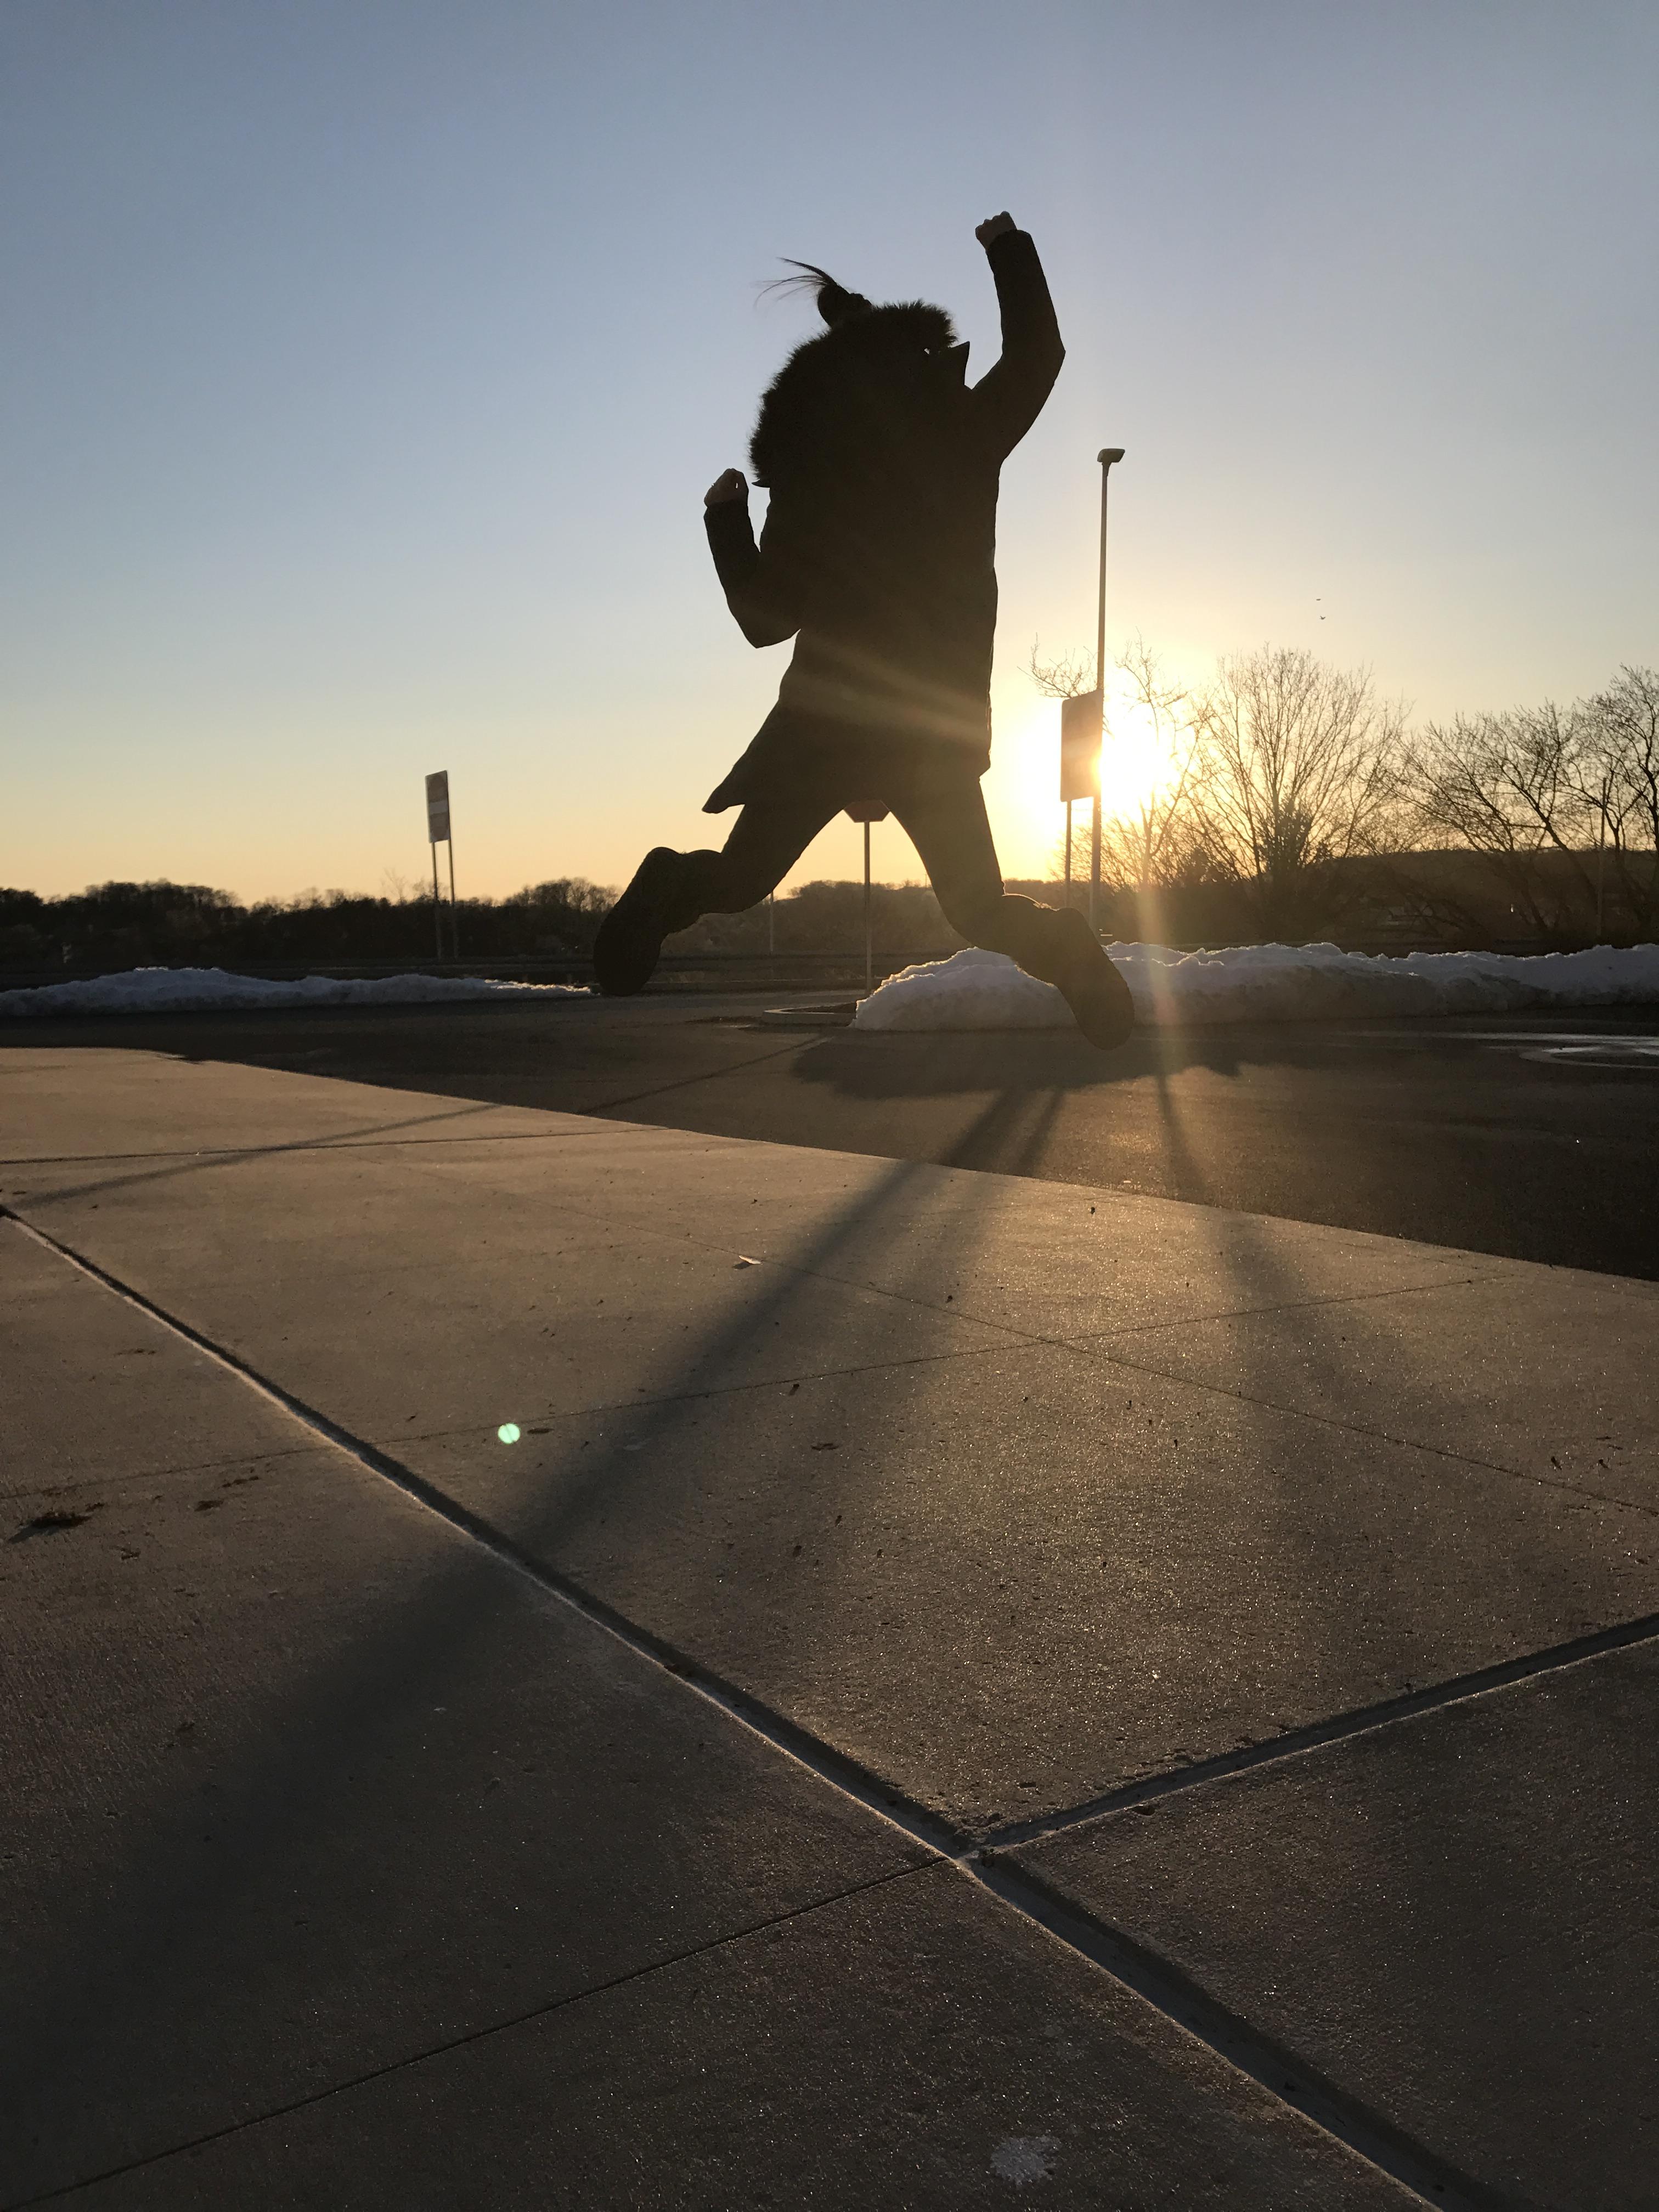 侯佳恢復自由,在法庭外跳躍起來擁抱夕陽。( 侯建利提供)